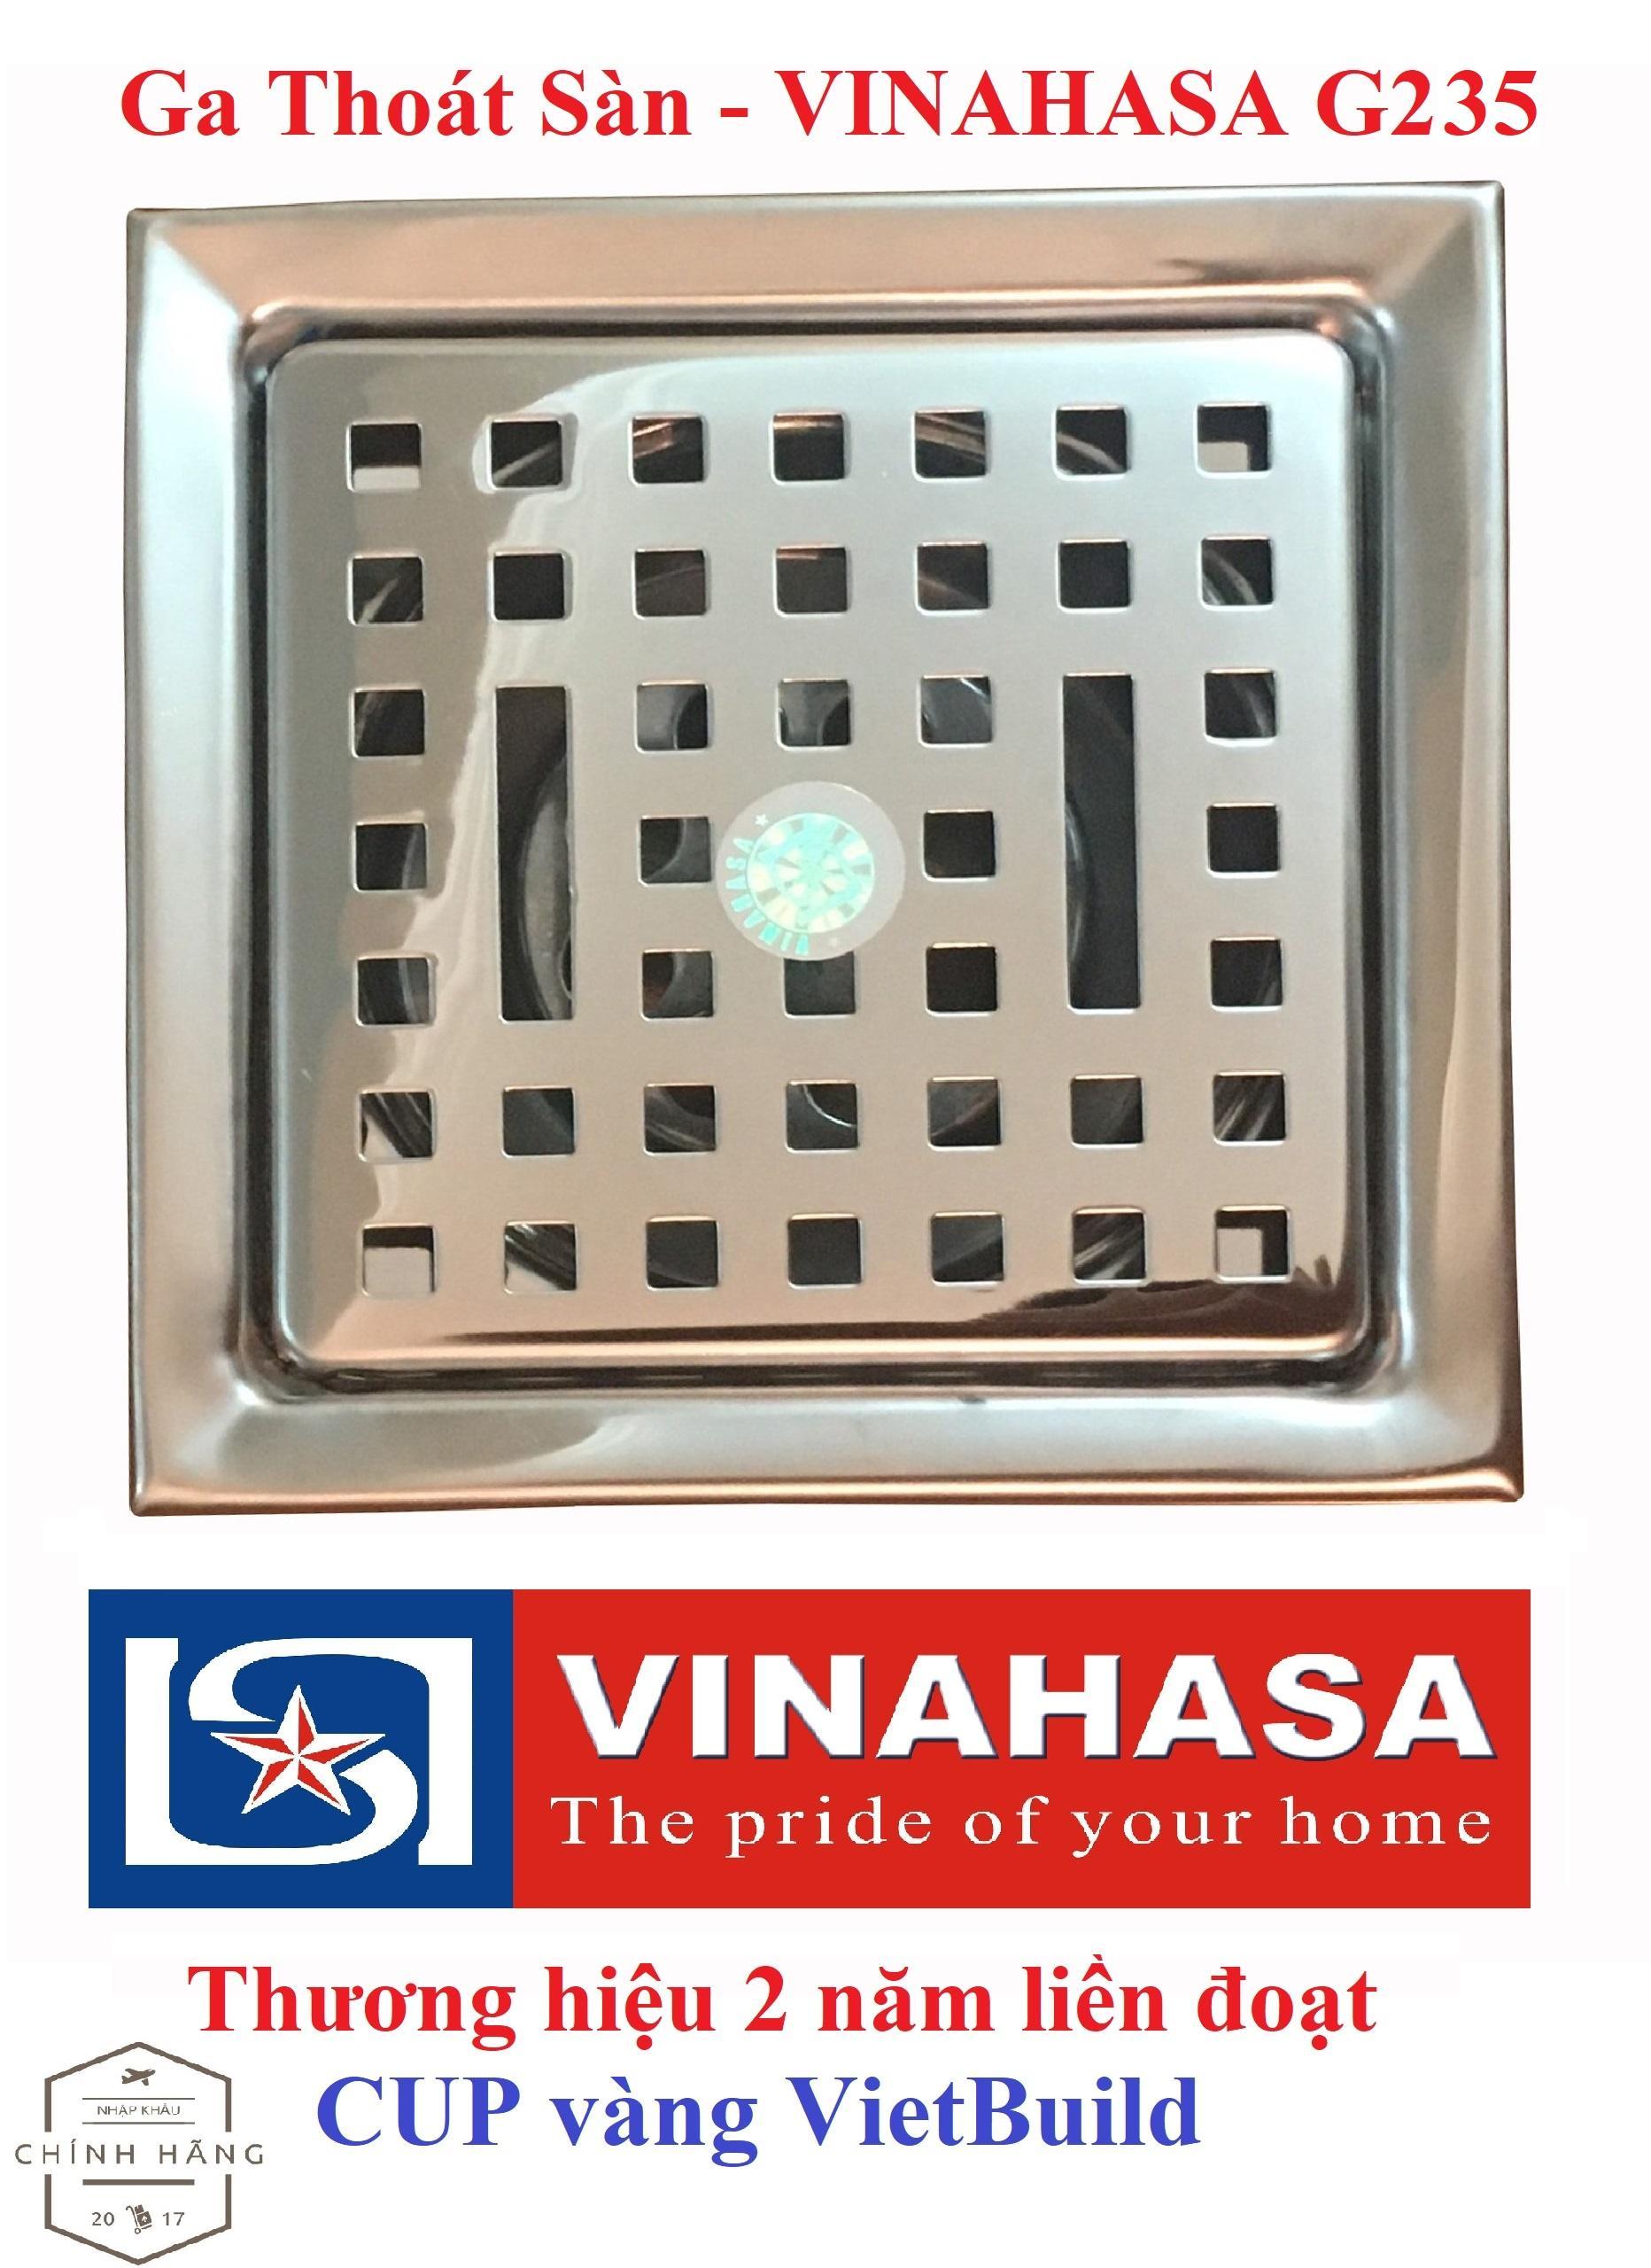 Ga thoát sàn – phễu thoát sàn INOX Vinahasa 12x12cm Phi 75 - 60mm Chống Hôi – Lọc Rác 3 lớp hiệu quả G235 (Bảo hành 12 tháng – 1 đổi 1 trong 7 ngày)